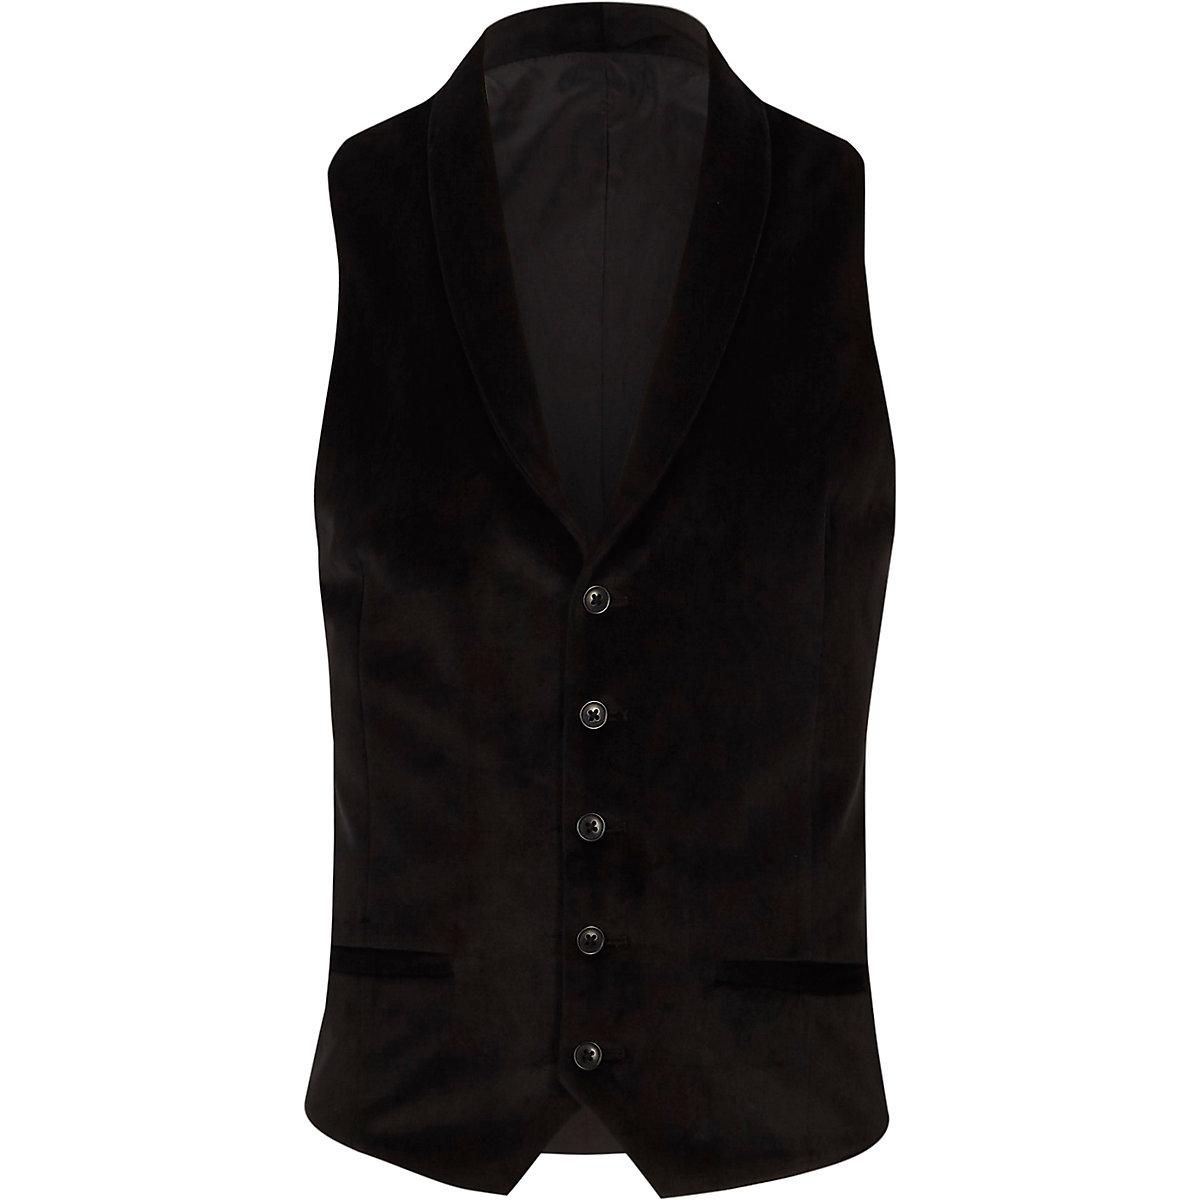 Black smart velvet shawl lapel waistcoat